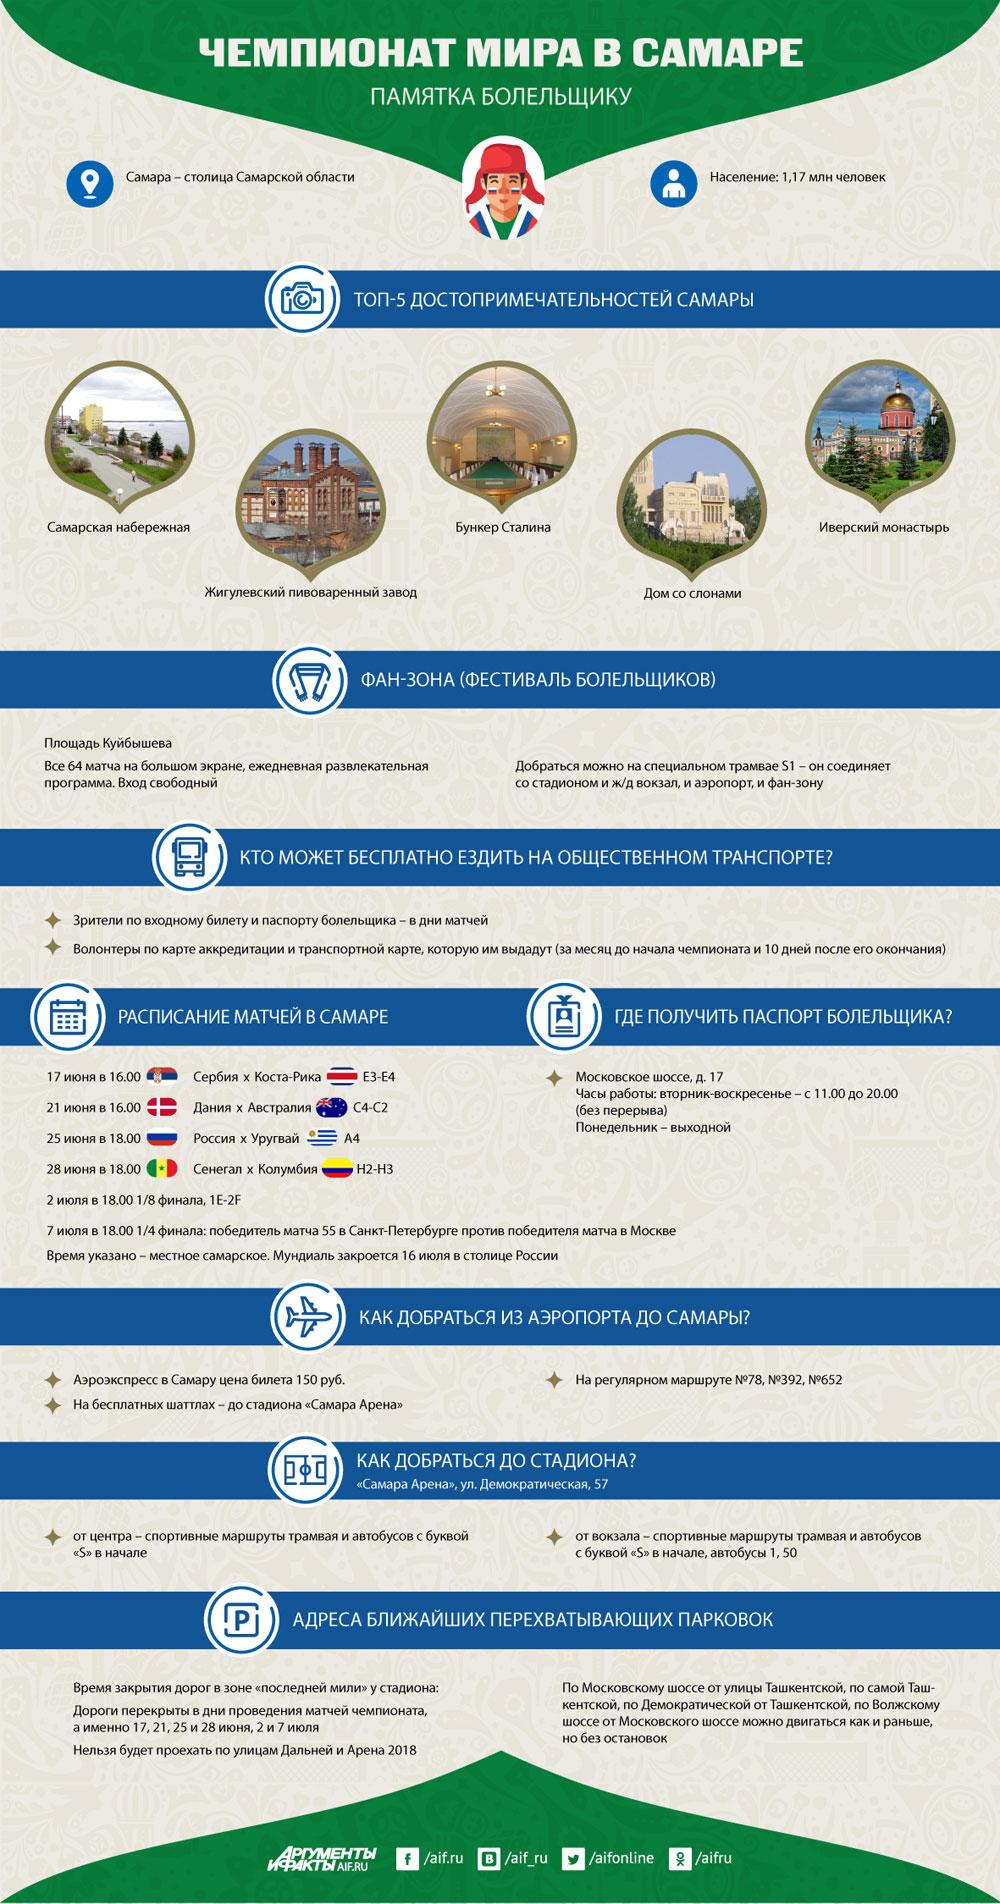 Инфографика к ЧМ-2018